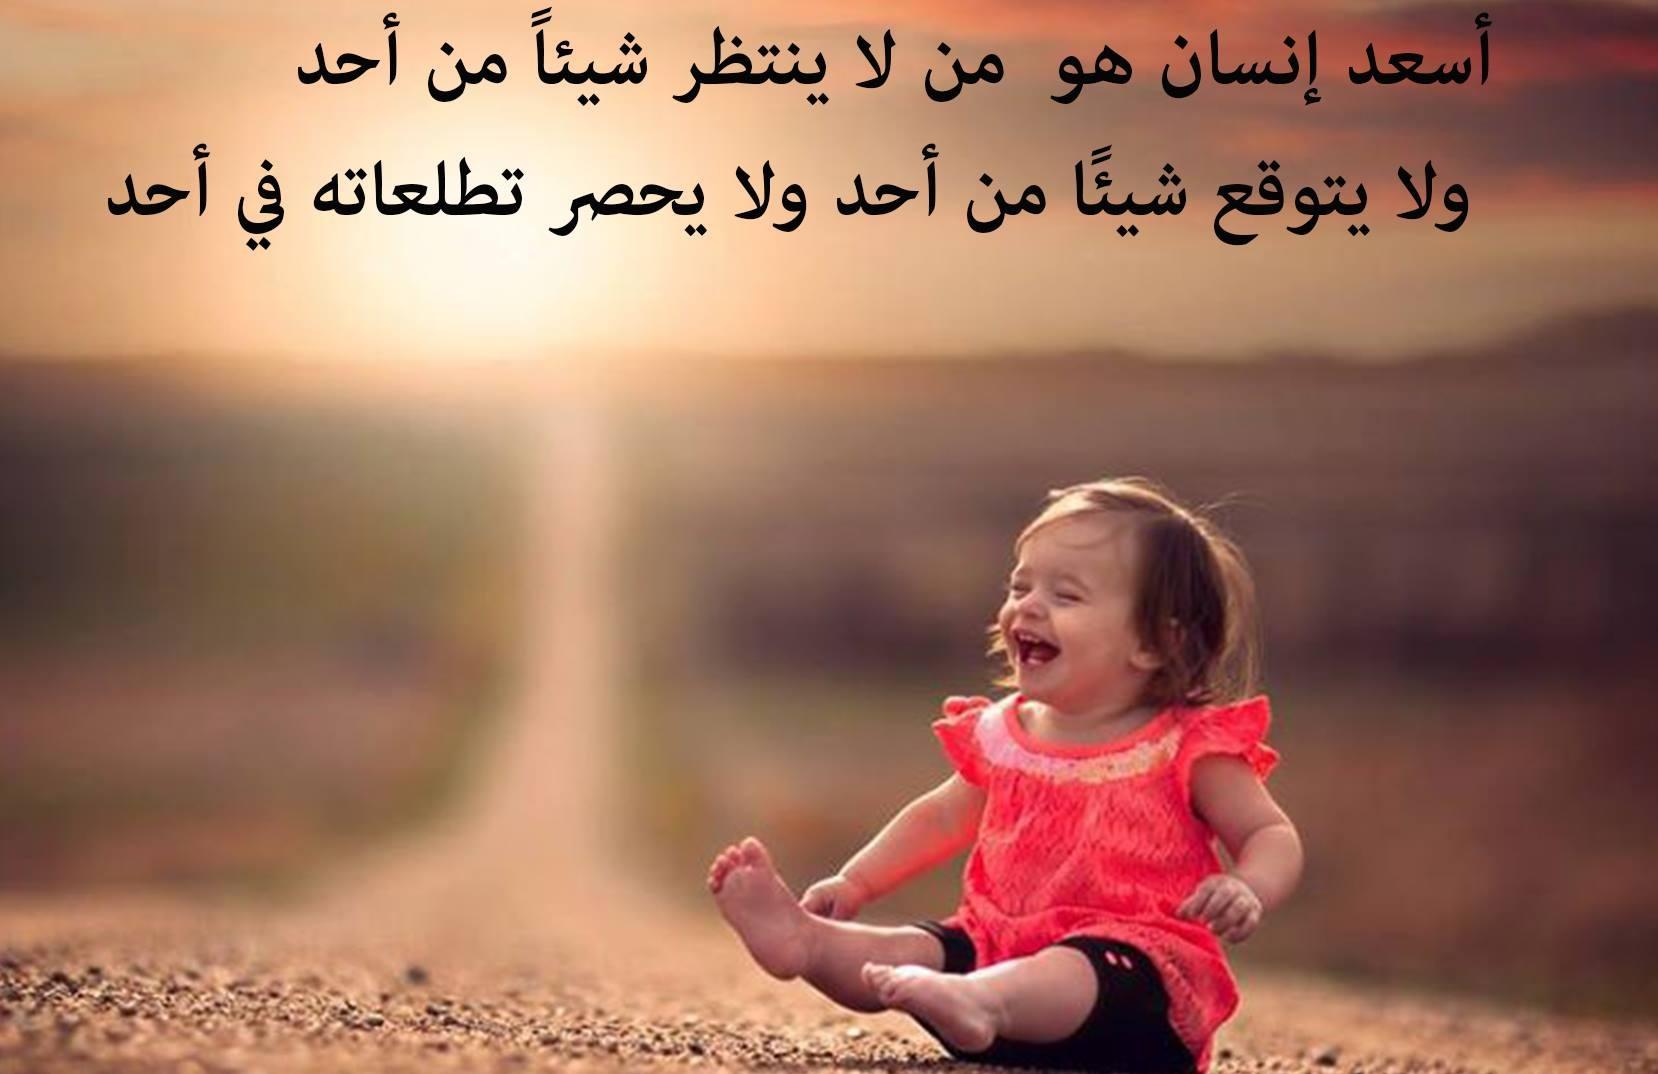 بالصور كلام عن الاطفال , الملائكه الصغار و العنايه بهم 290 3